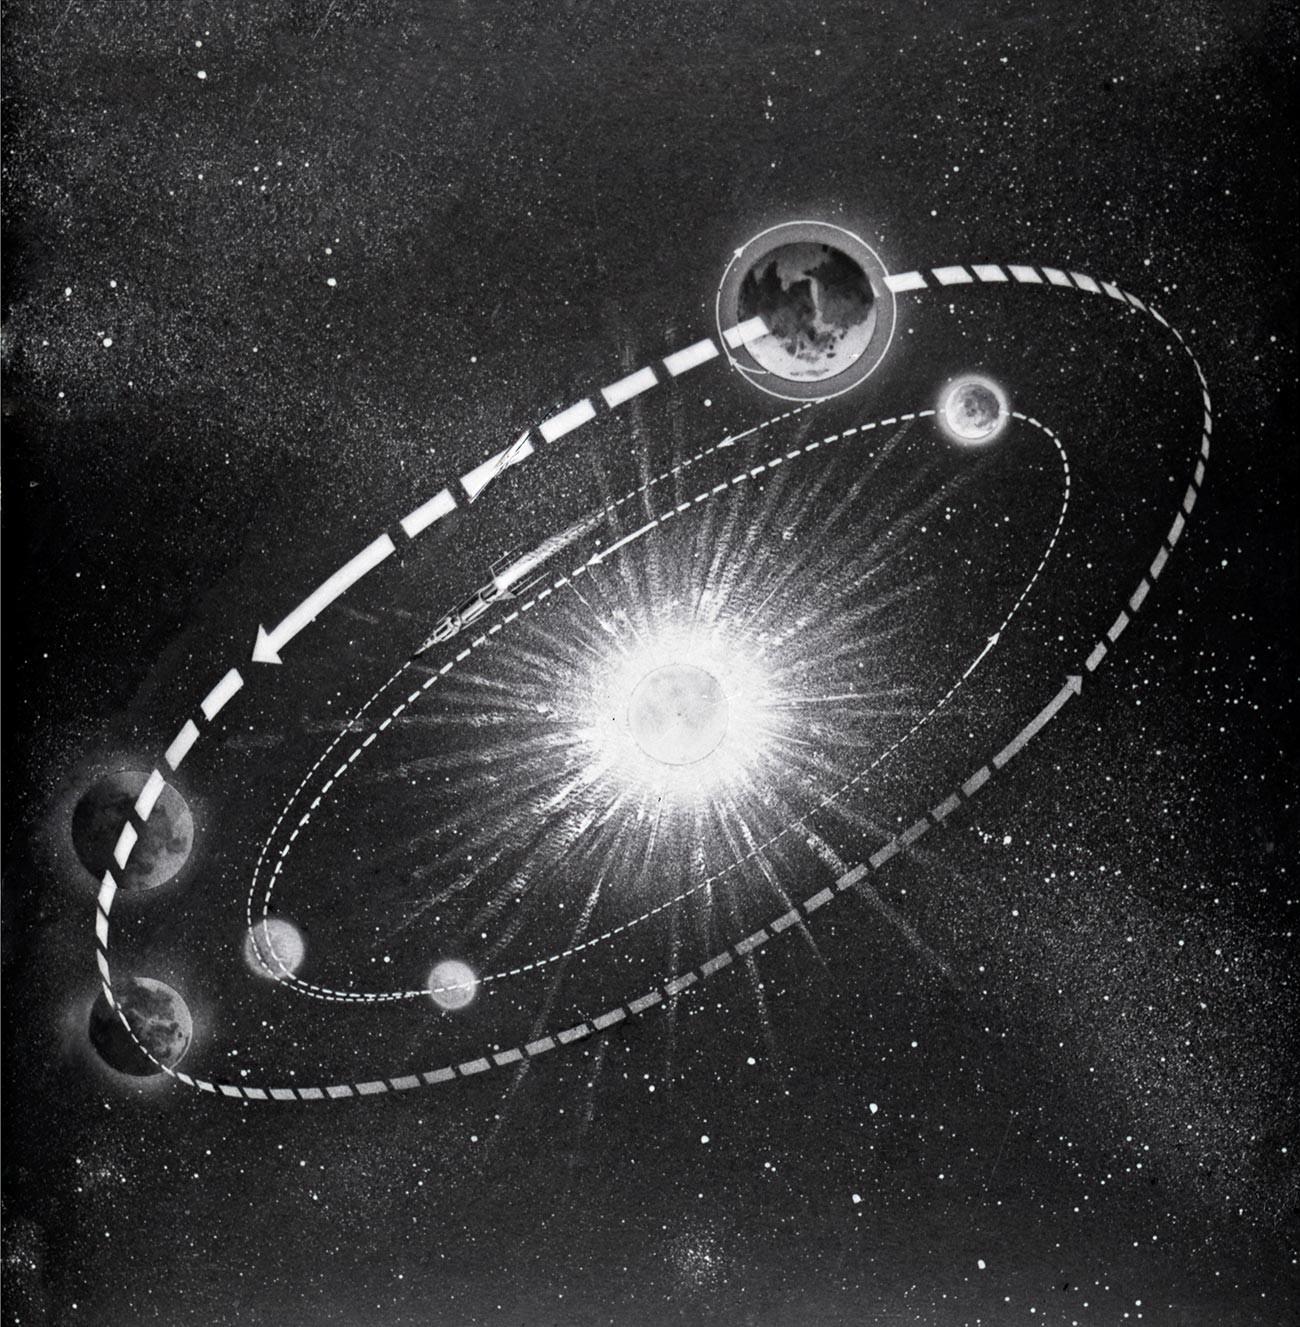 """Шема на лет на космичкиот апарат """"Венера 1"""", лансиран во Советскиот Сојуз на 12 февруари 1961 година."""